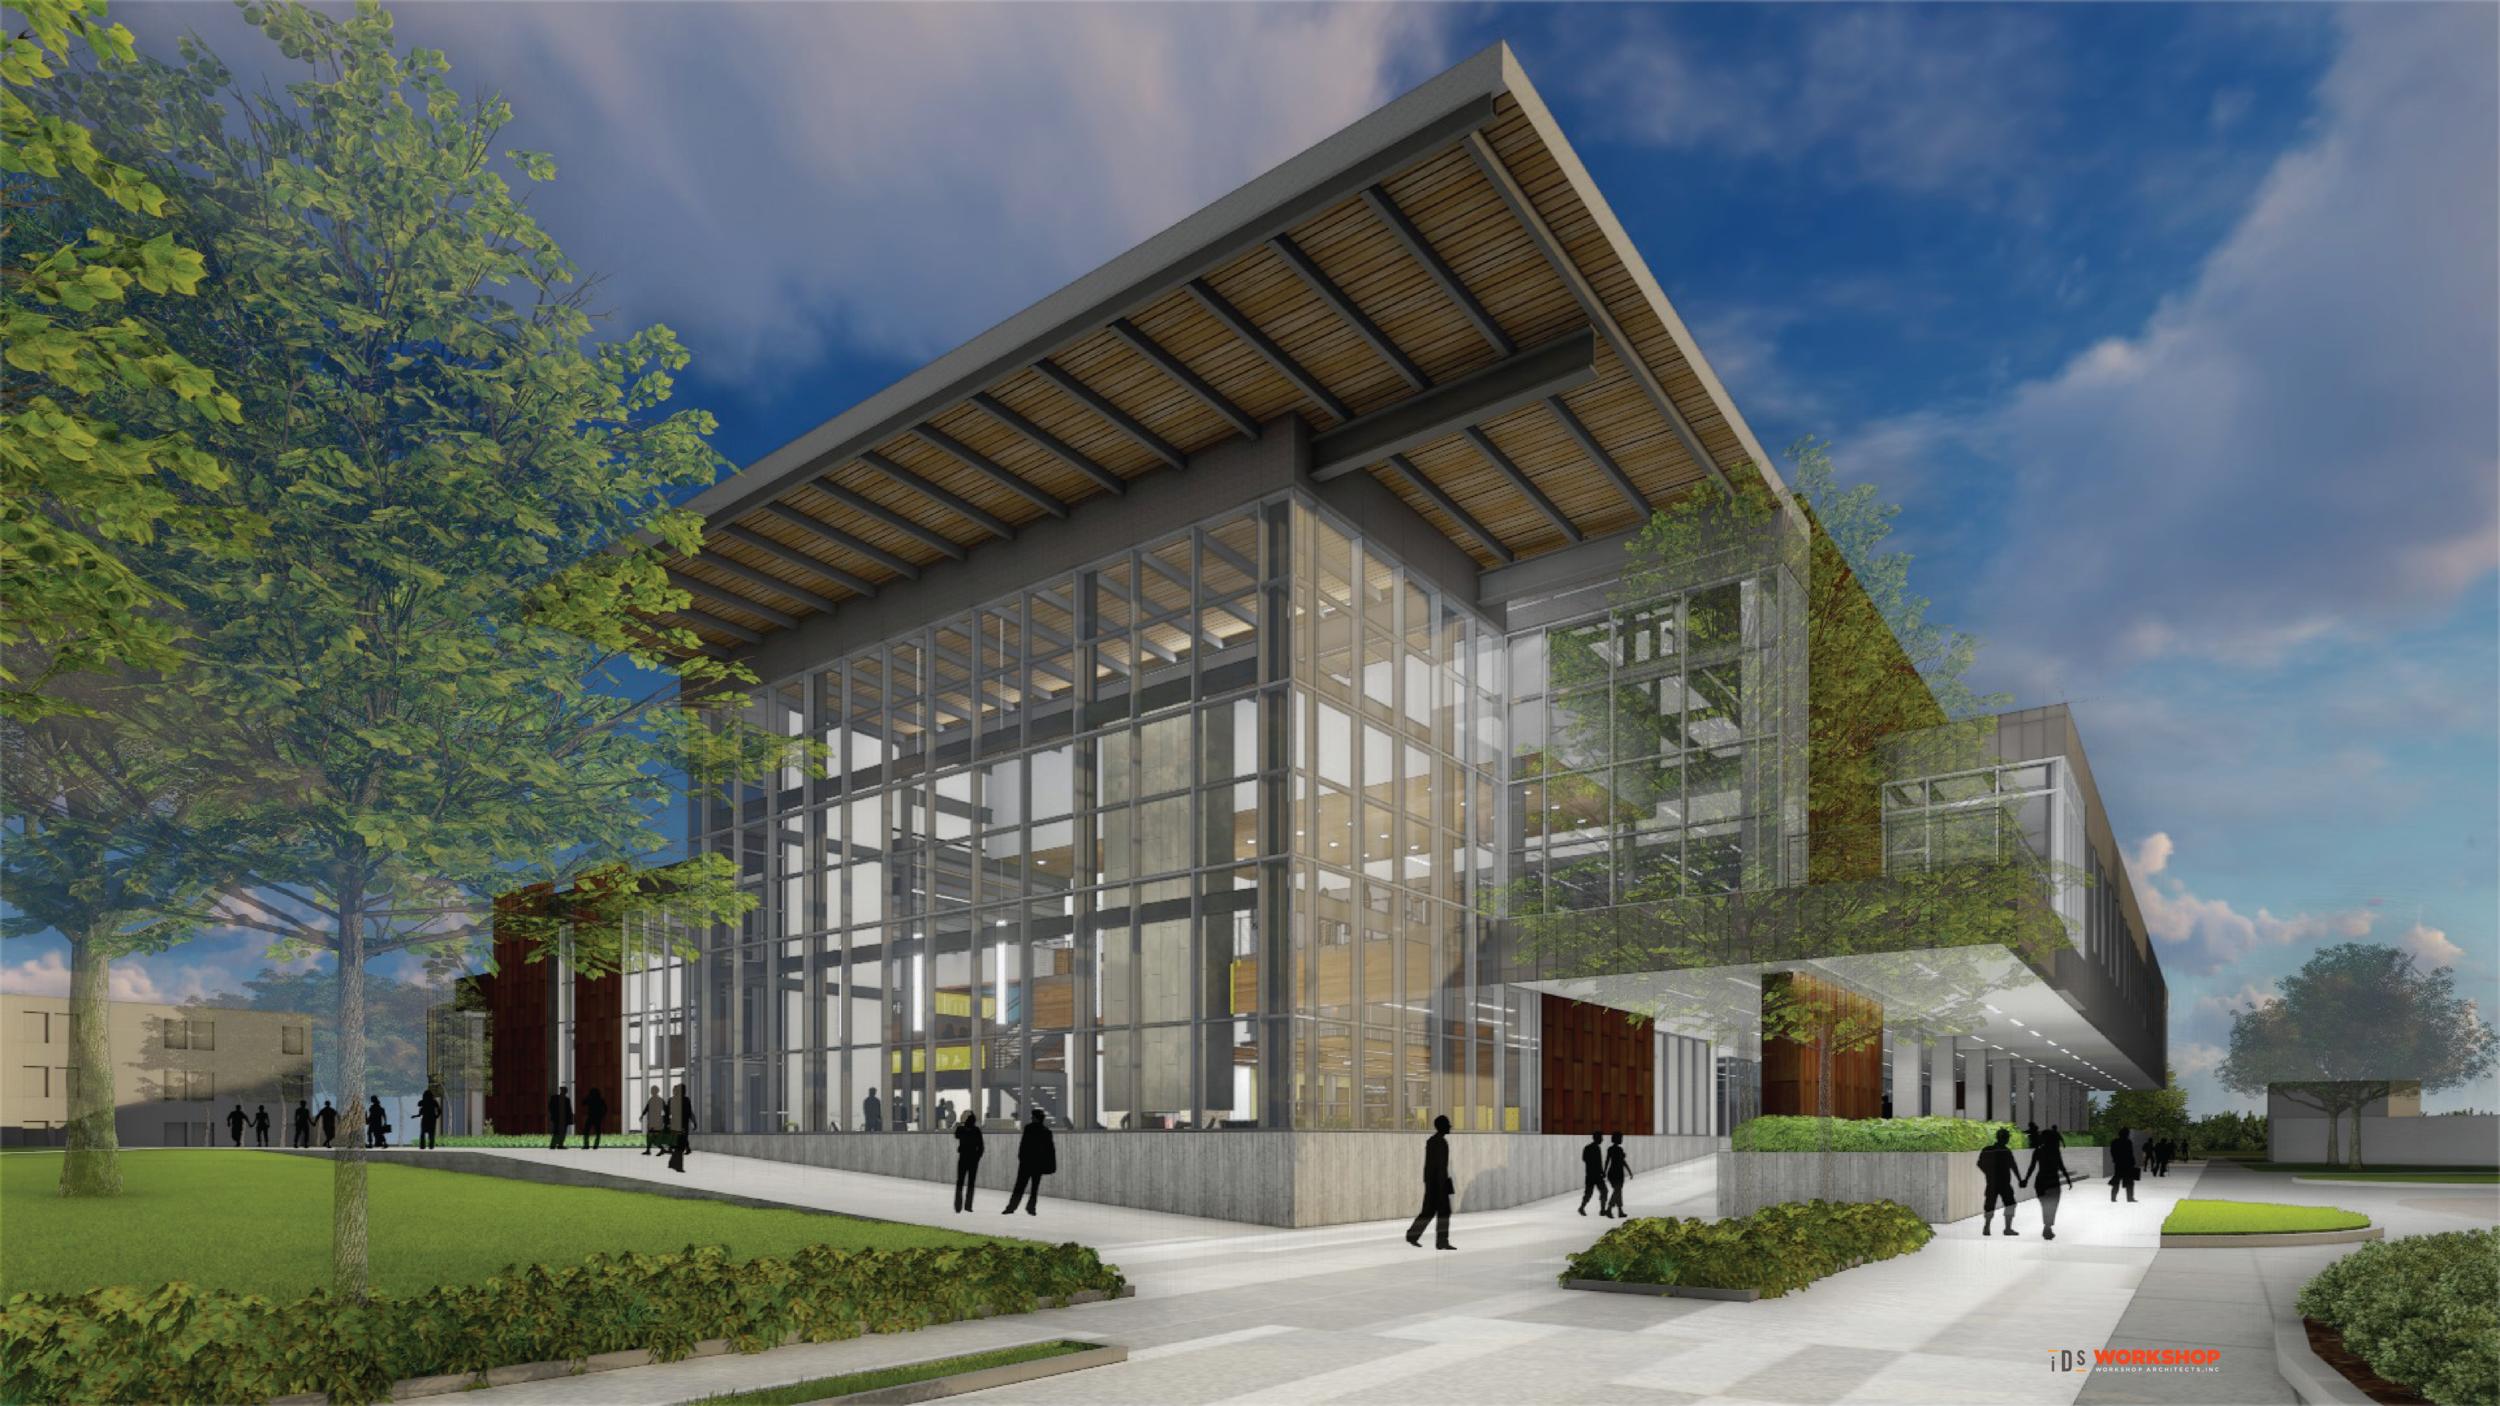 Oakland University Breaks Ground on Oakland Center Renovation